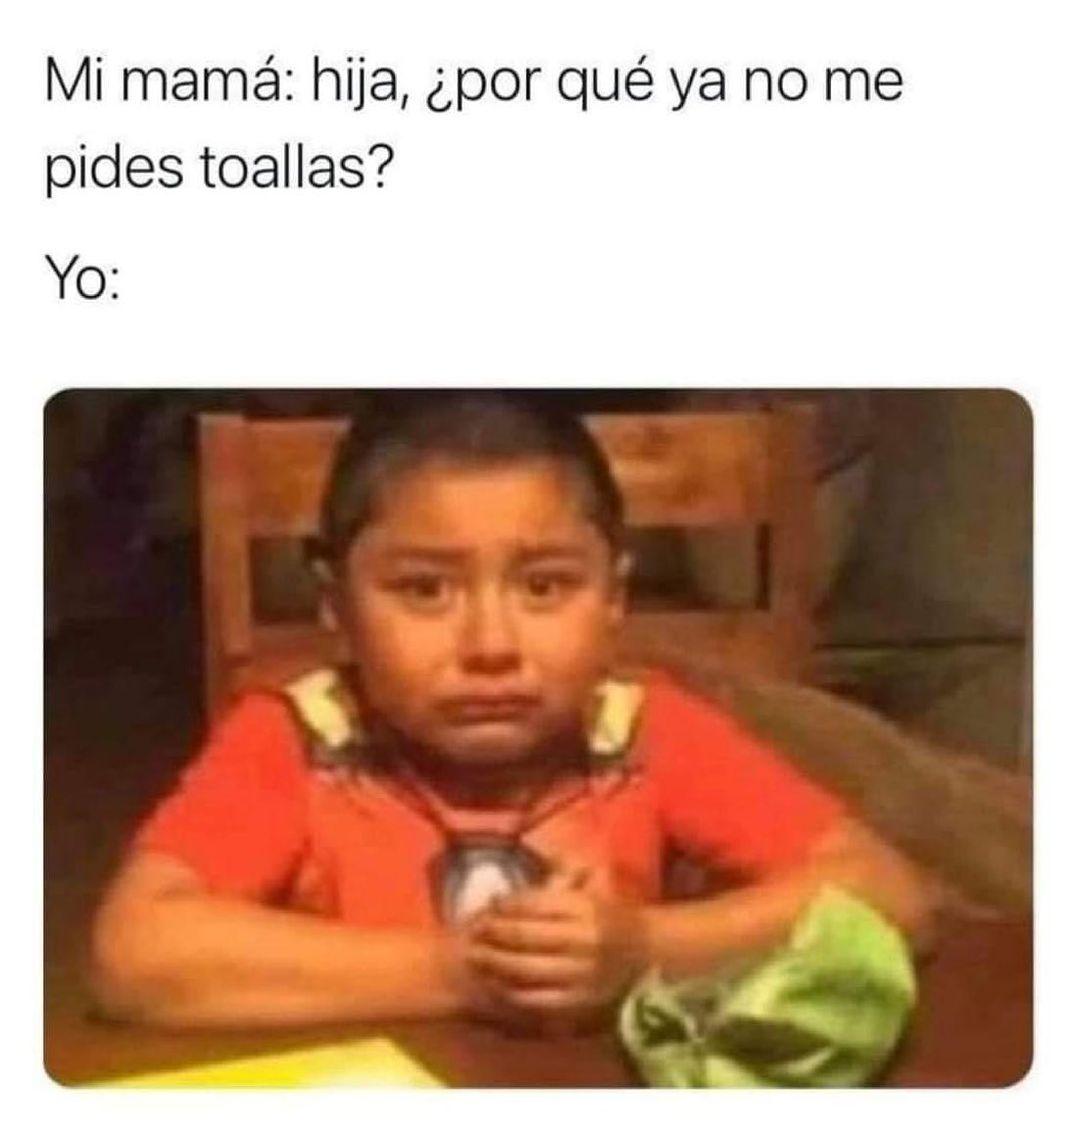 Mi mamá: hija por que ya no me pides toallas.  Yo: